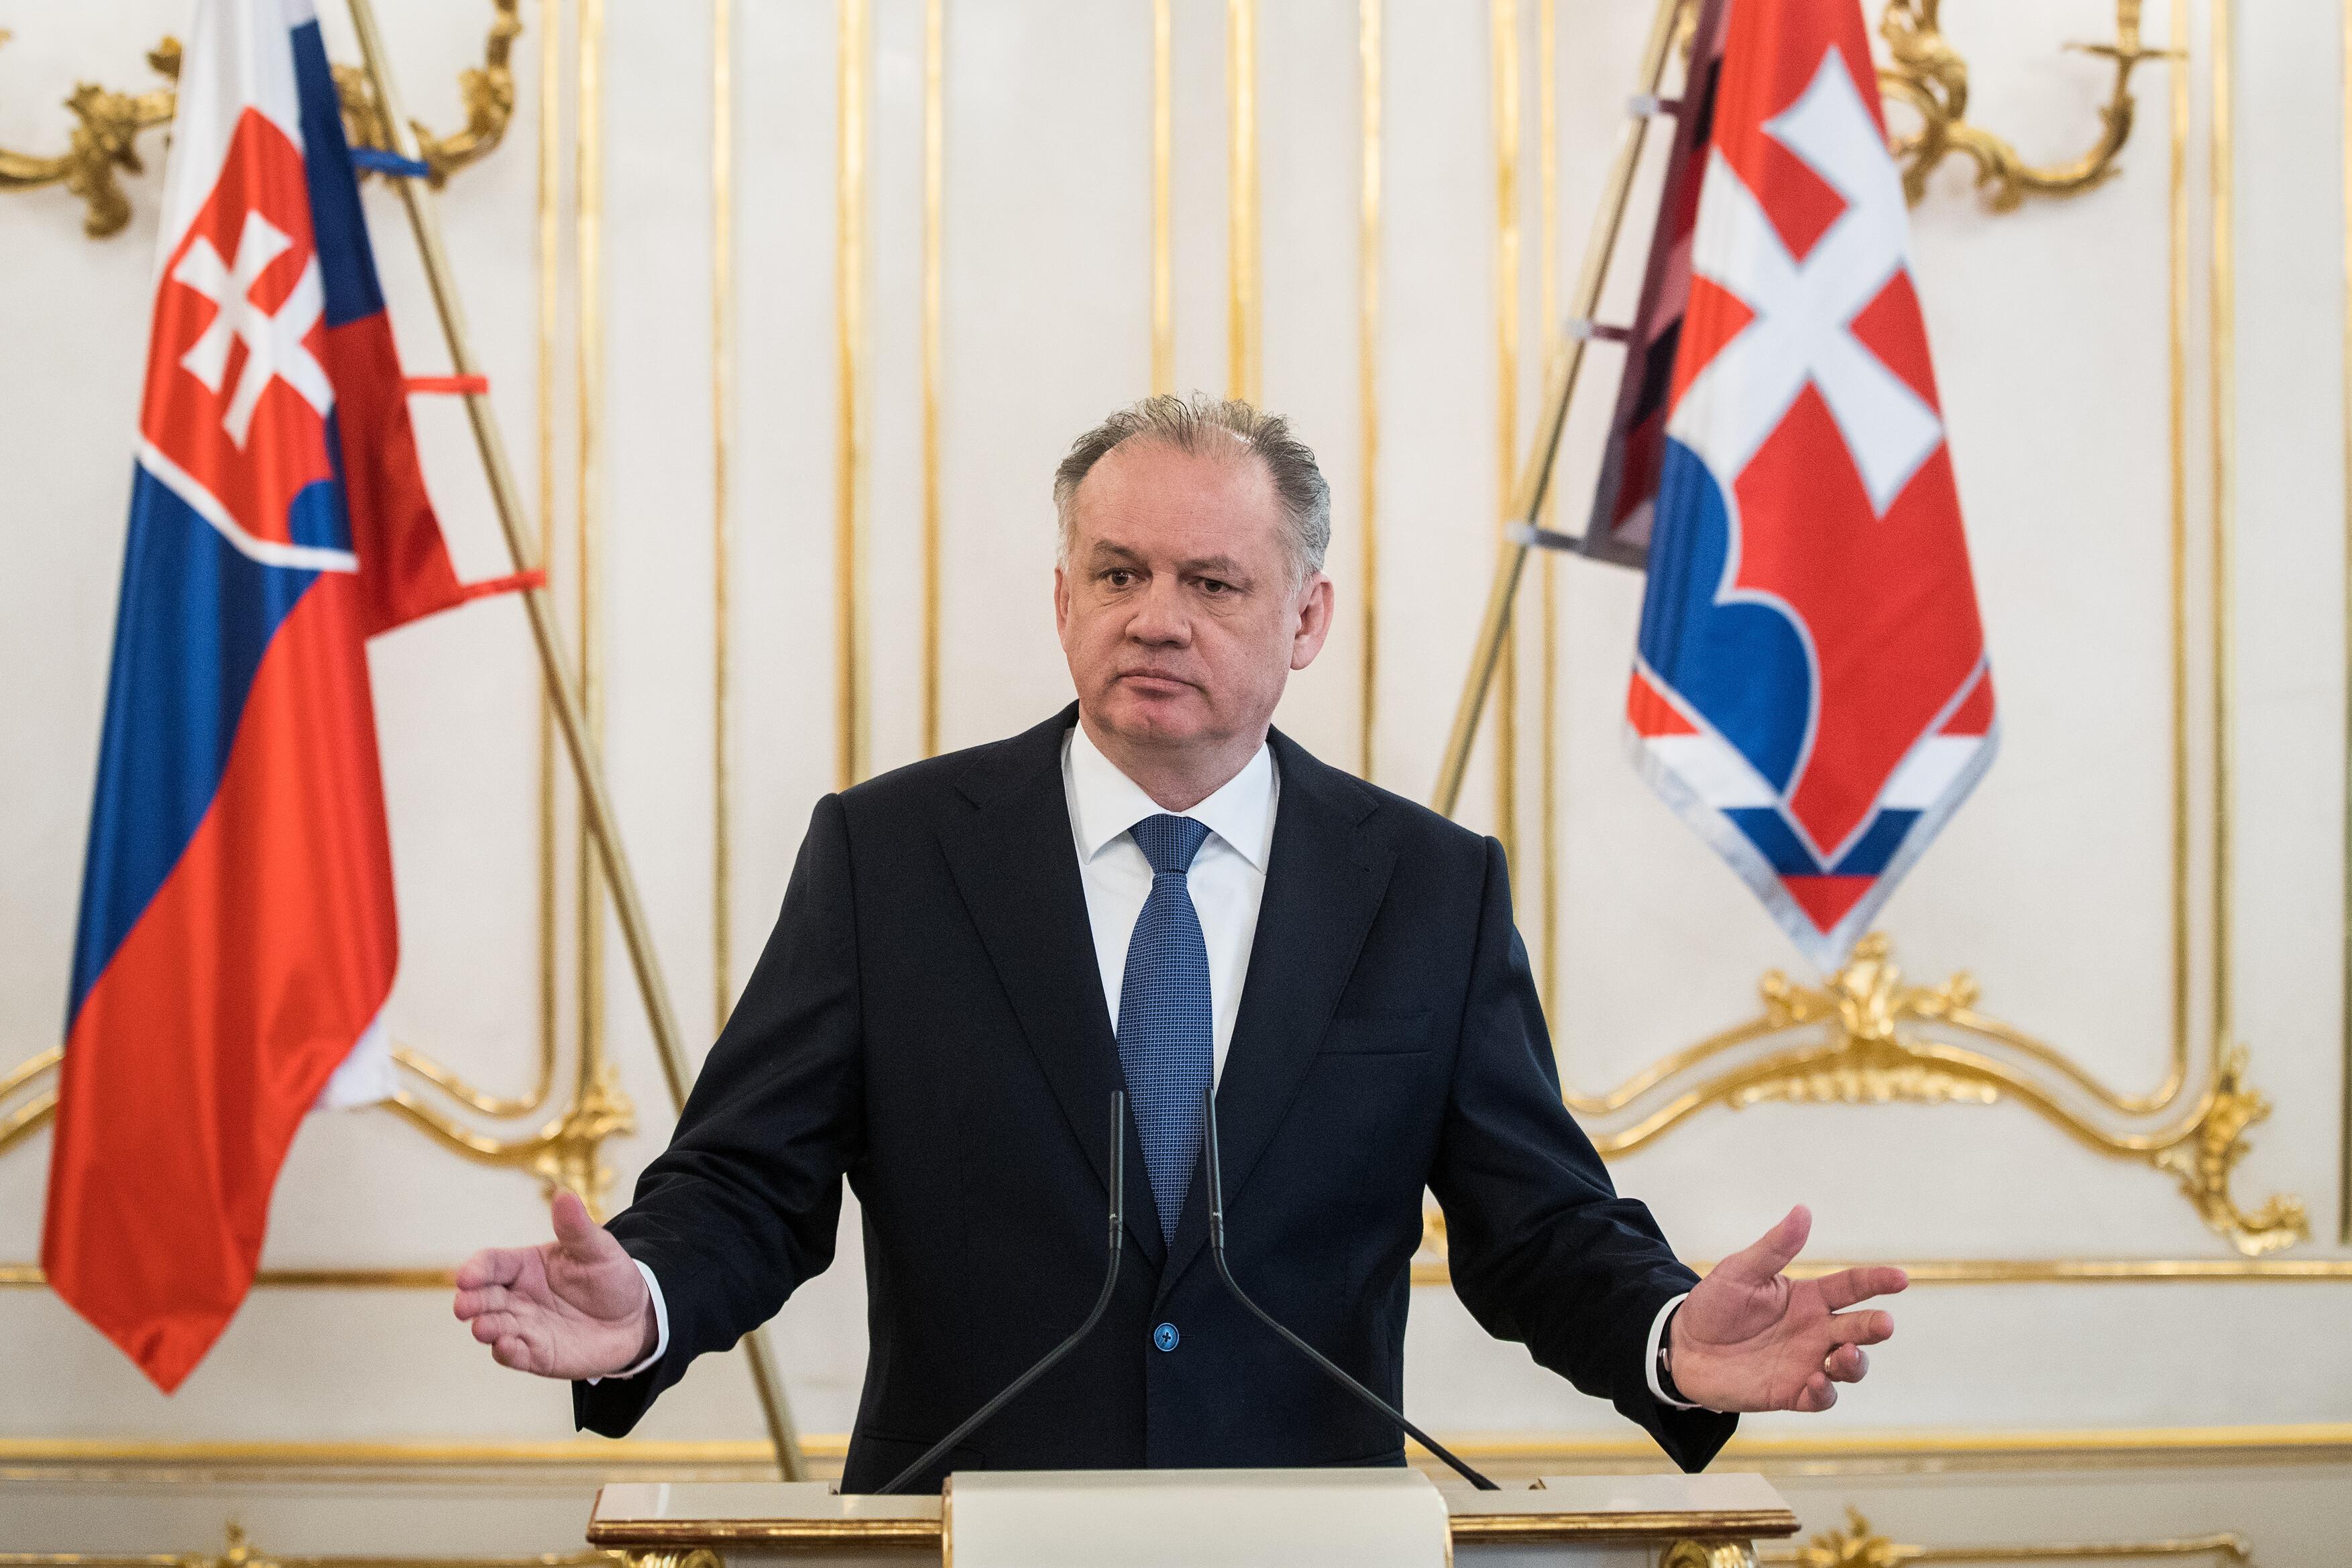 Slovenský prezident Andrej Kiska na snímku z března 2018.